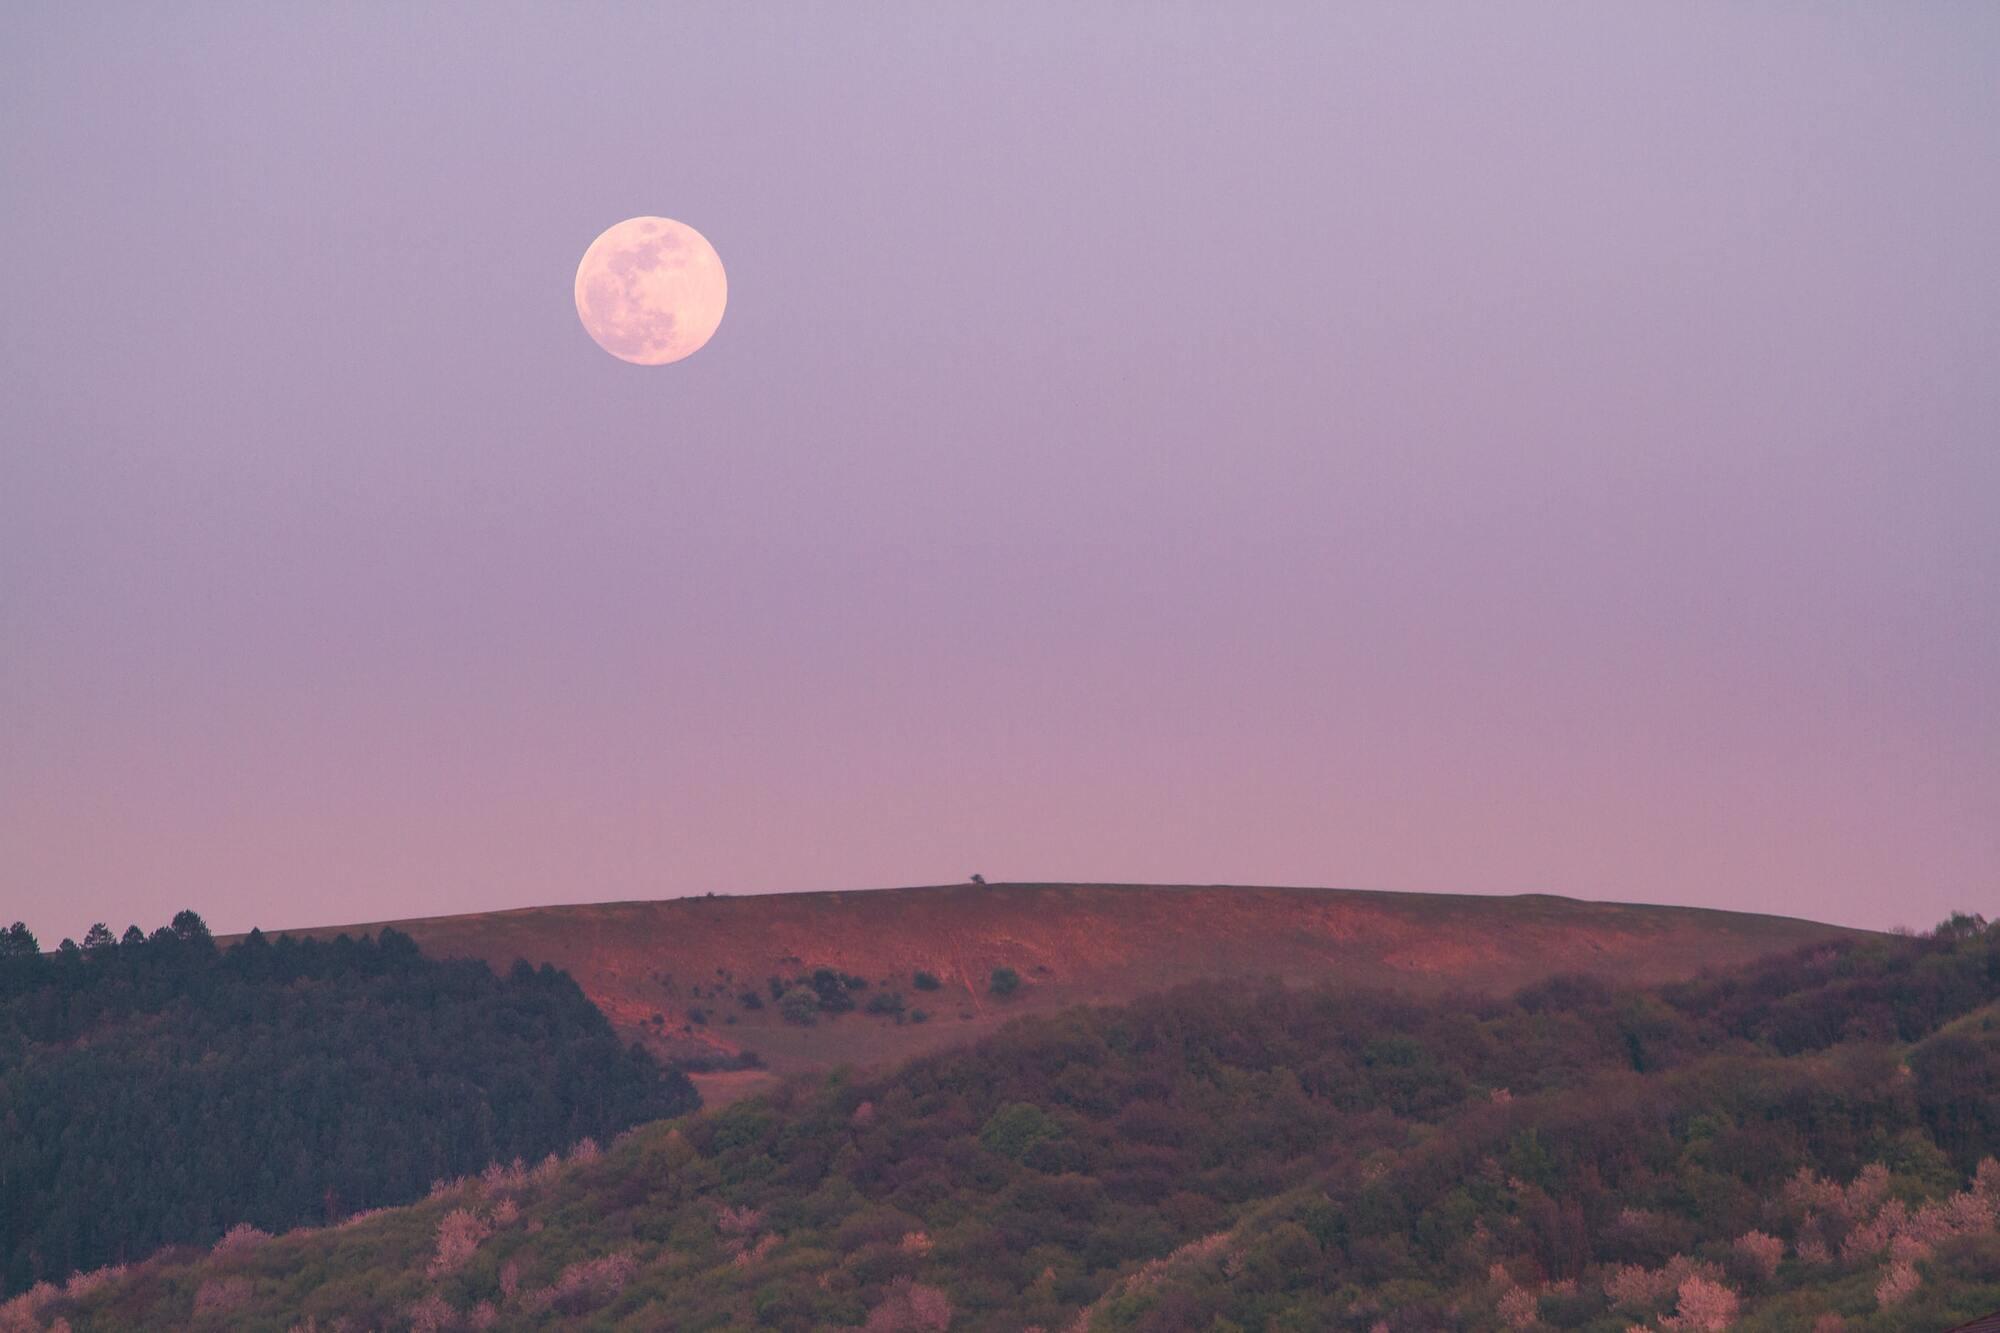 Колір повного місяця не здаватиметься червоним або рожевим, а скоріше золотистим